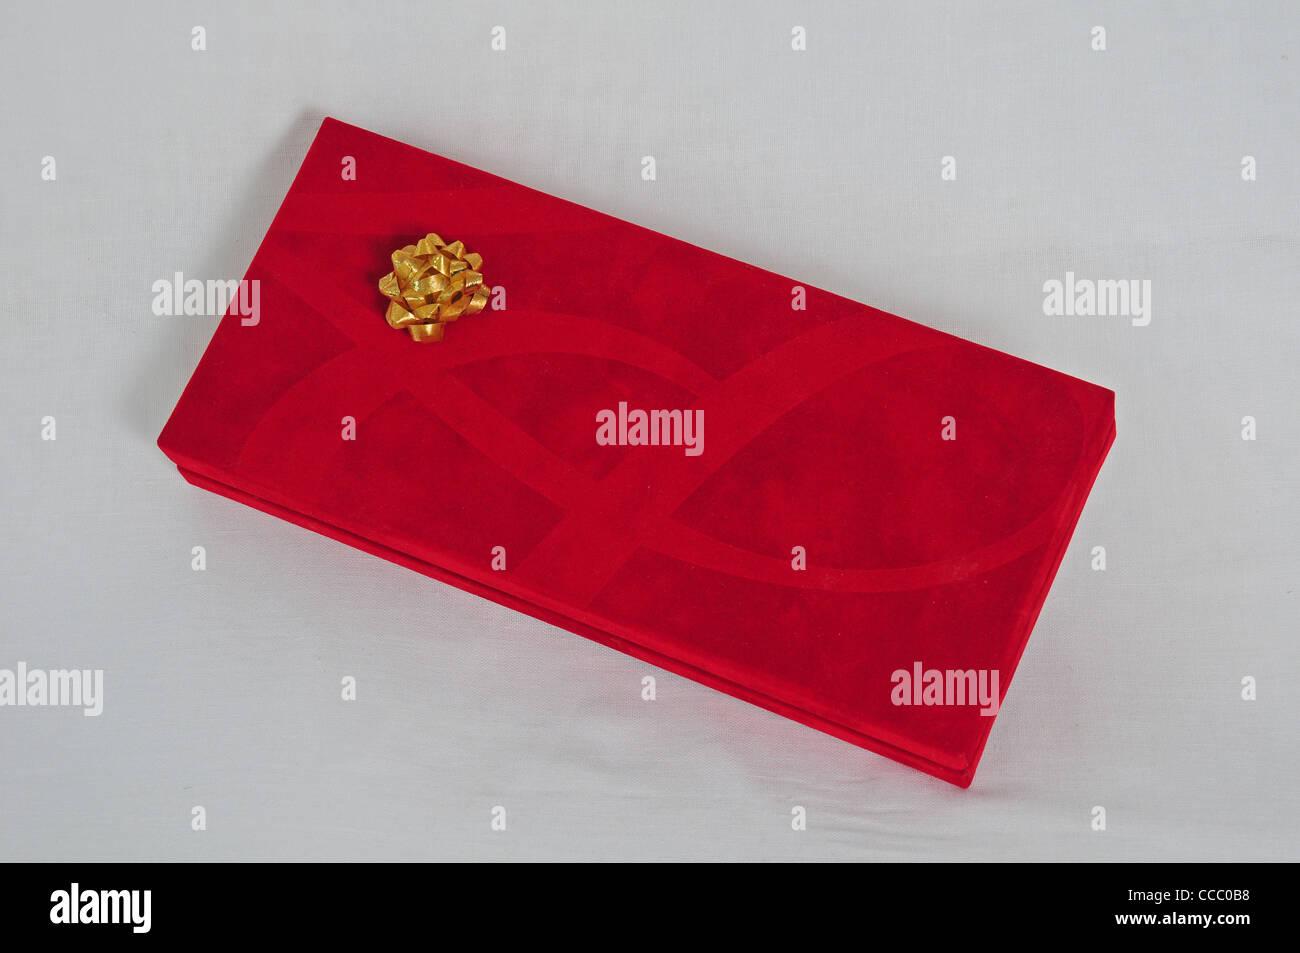 Velvety gift box with ribbon rosette. - Stock Image